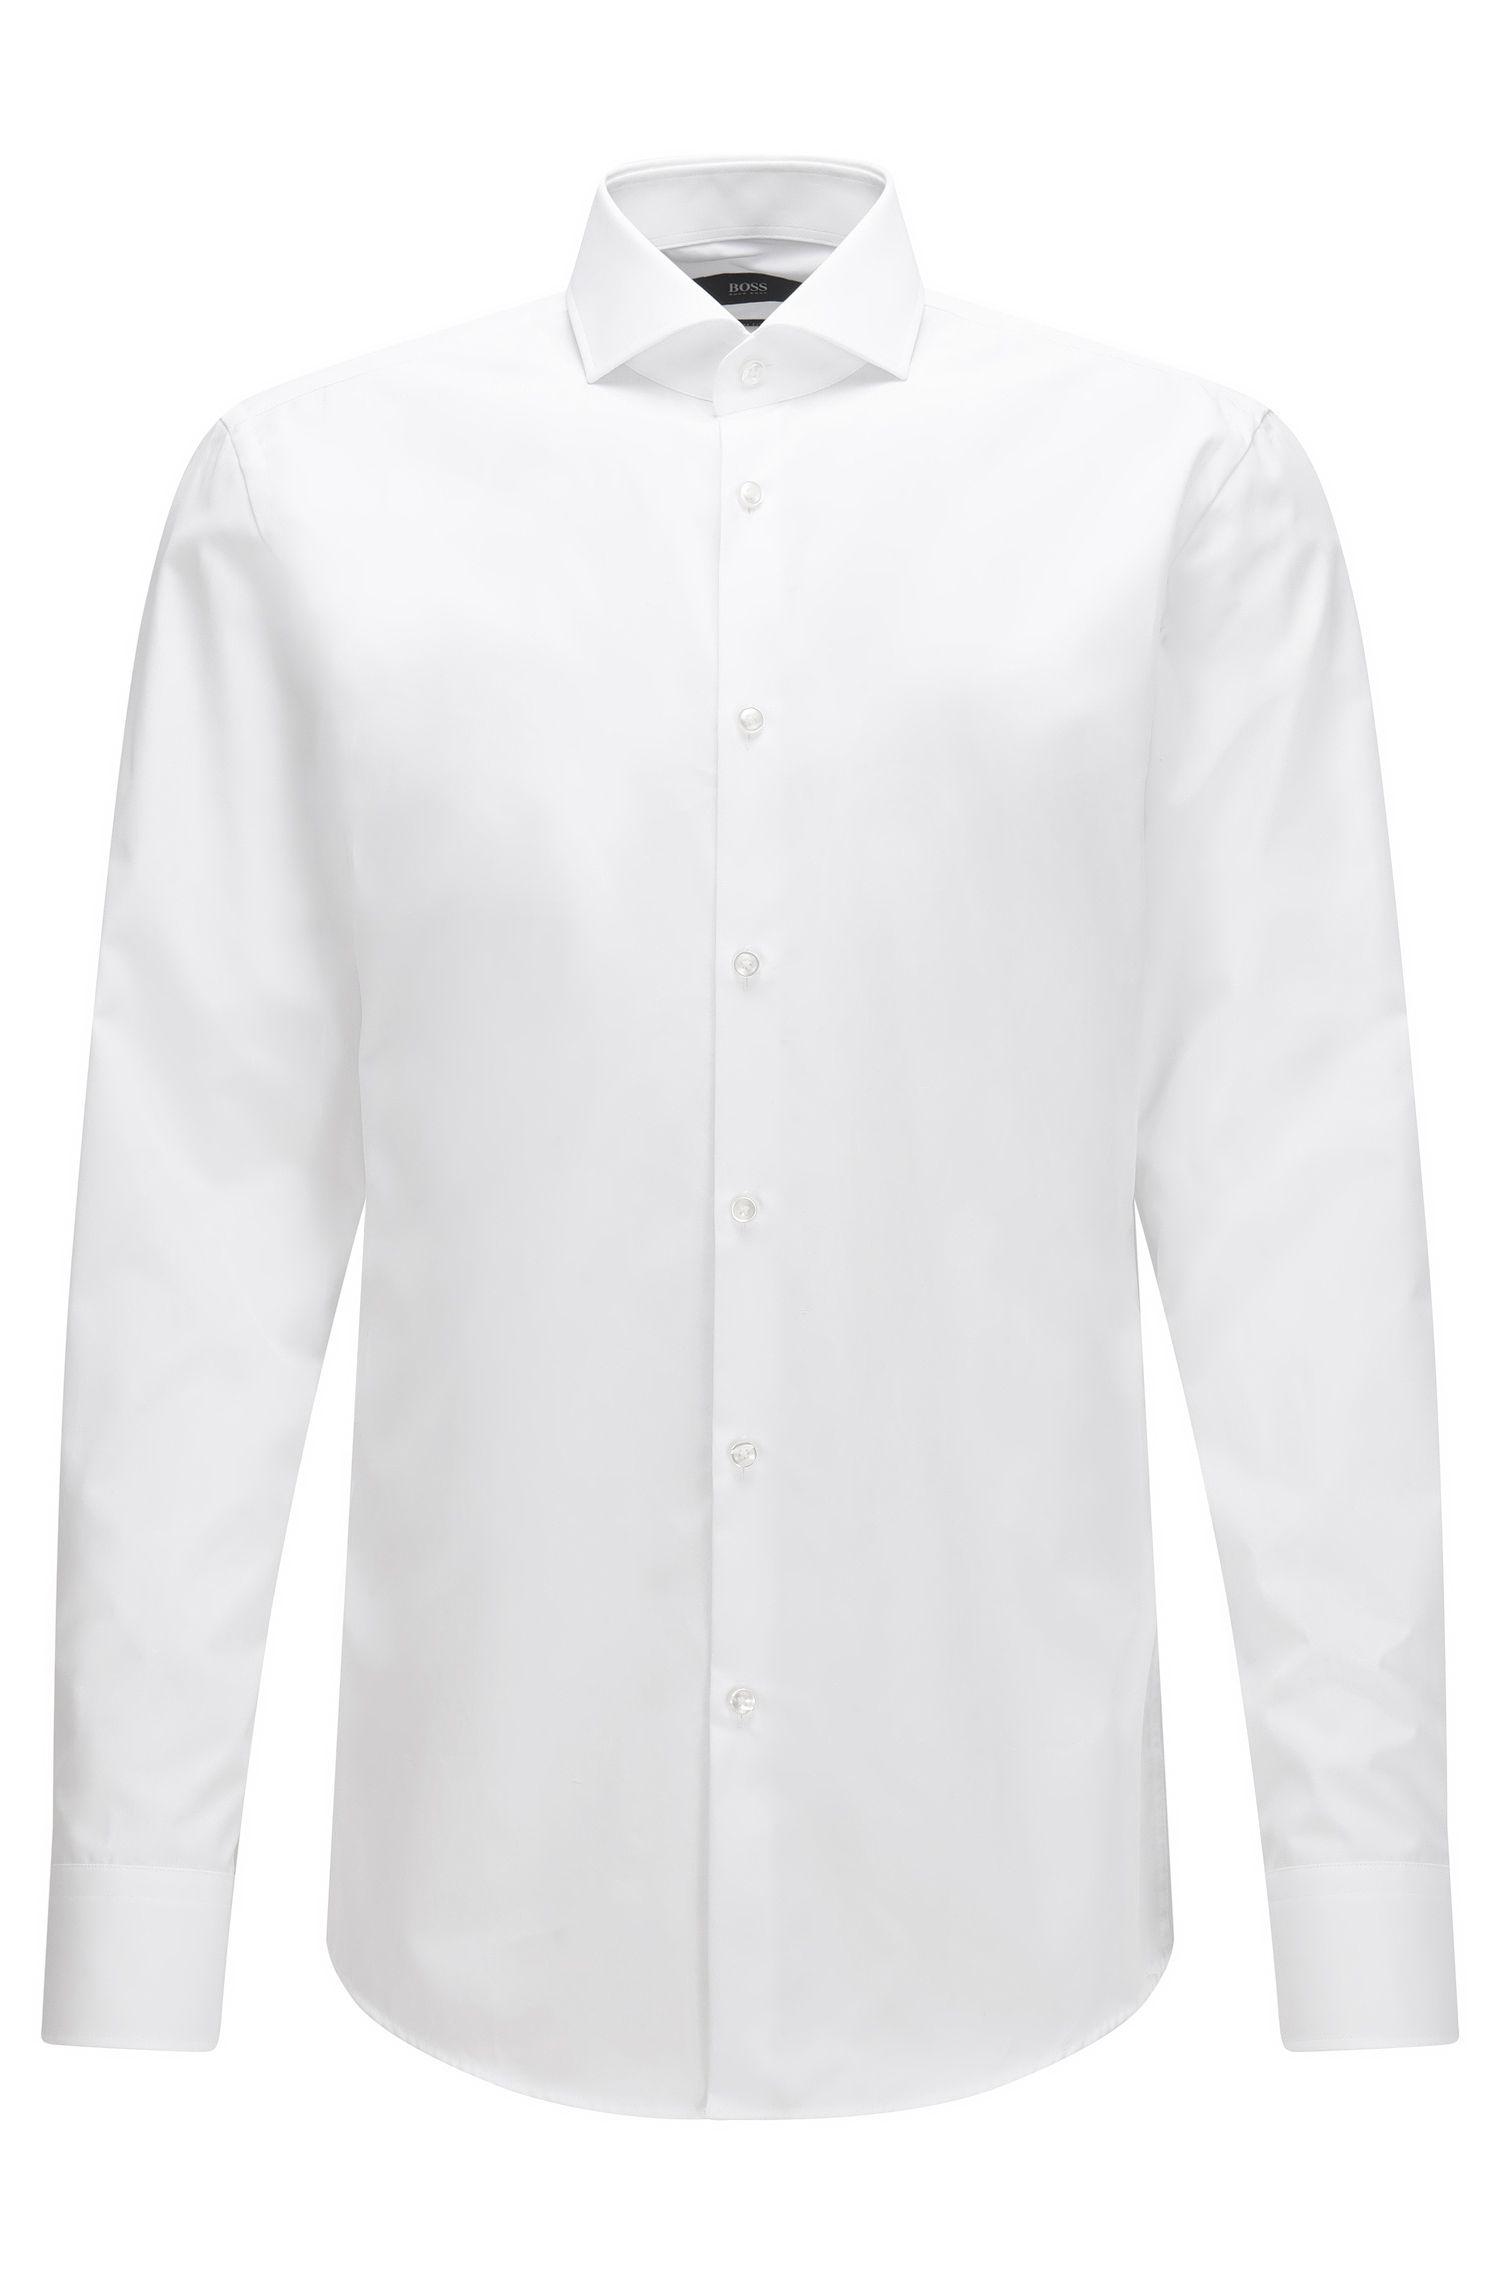 Camicia slim fit realizzata in Italia in cotone a doppio strato